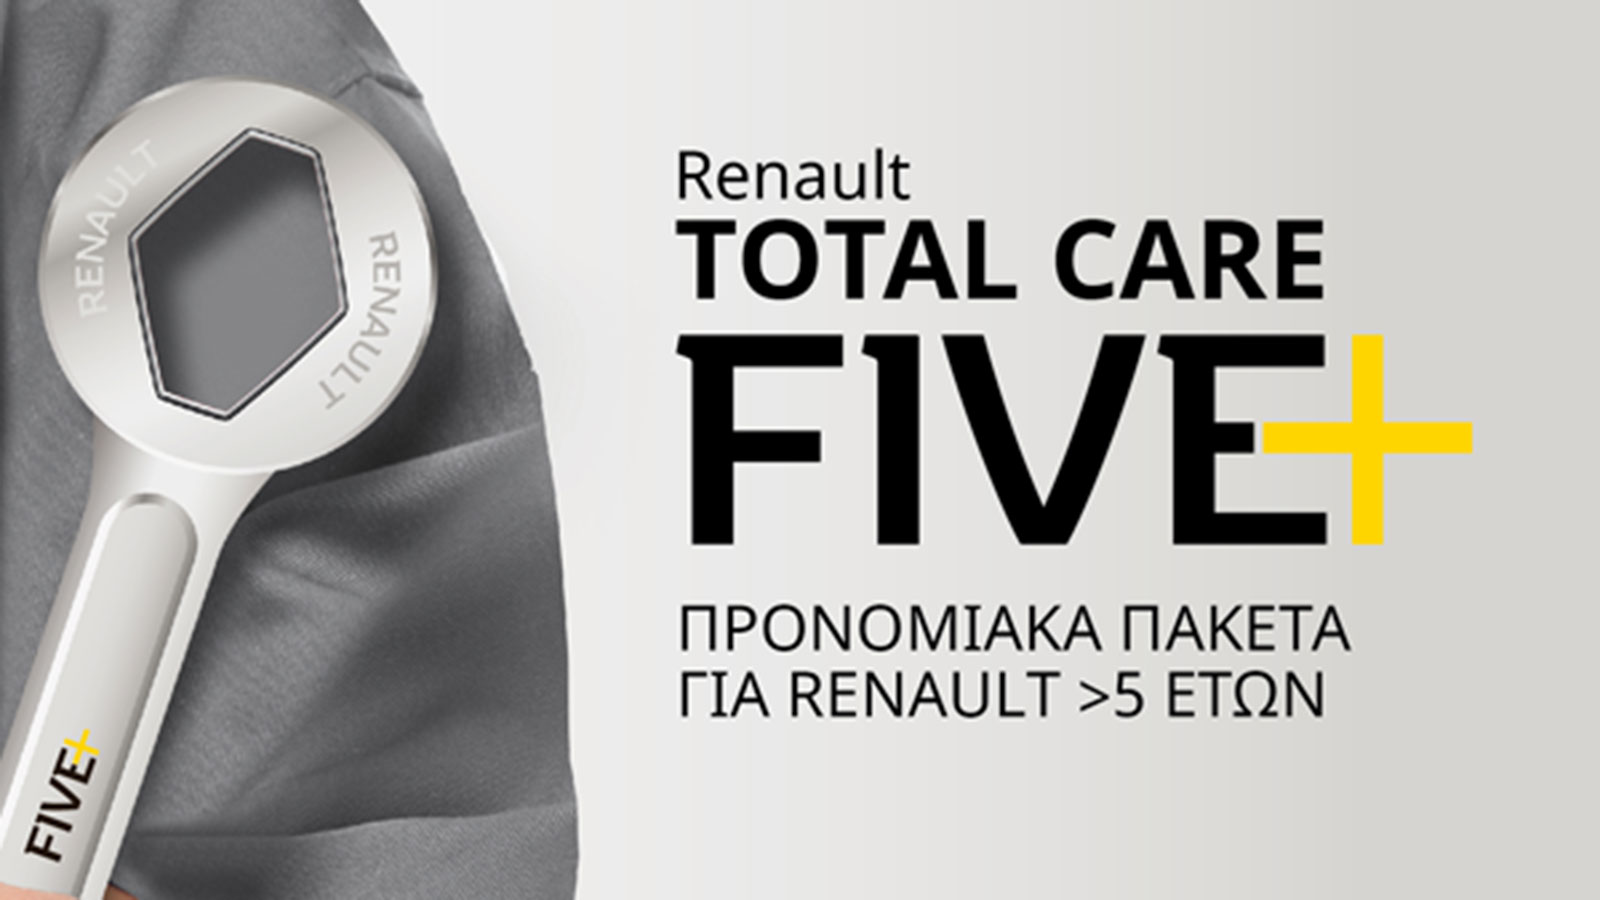 Το Renault Total Car 5 Pluς δίνει την ευκαιρία στους ιδιοκτήτες Renault, 5 ετών και άνω, να ελέγξουν δωρεάν 25 σημεία στο αυτοκίνητο τους.